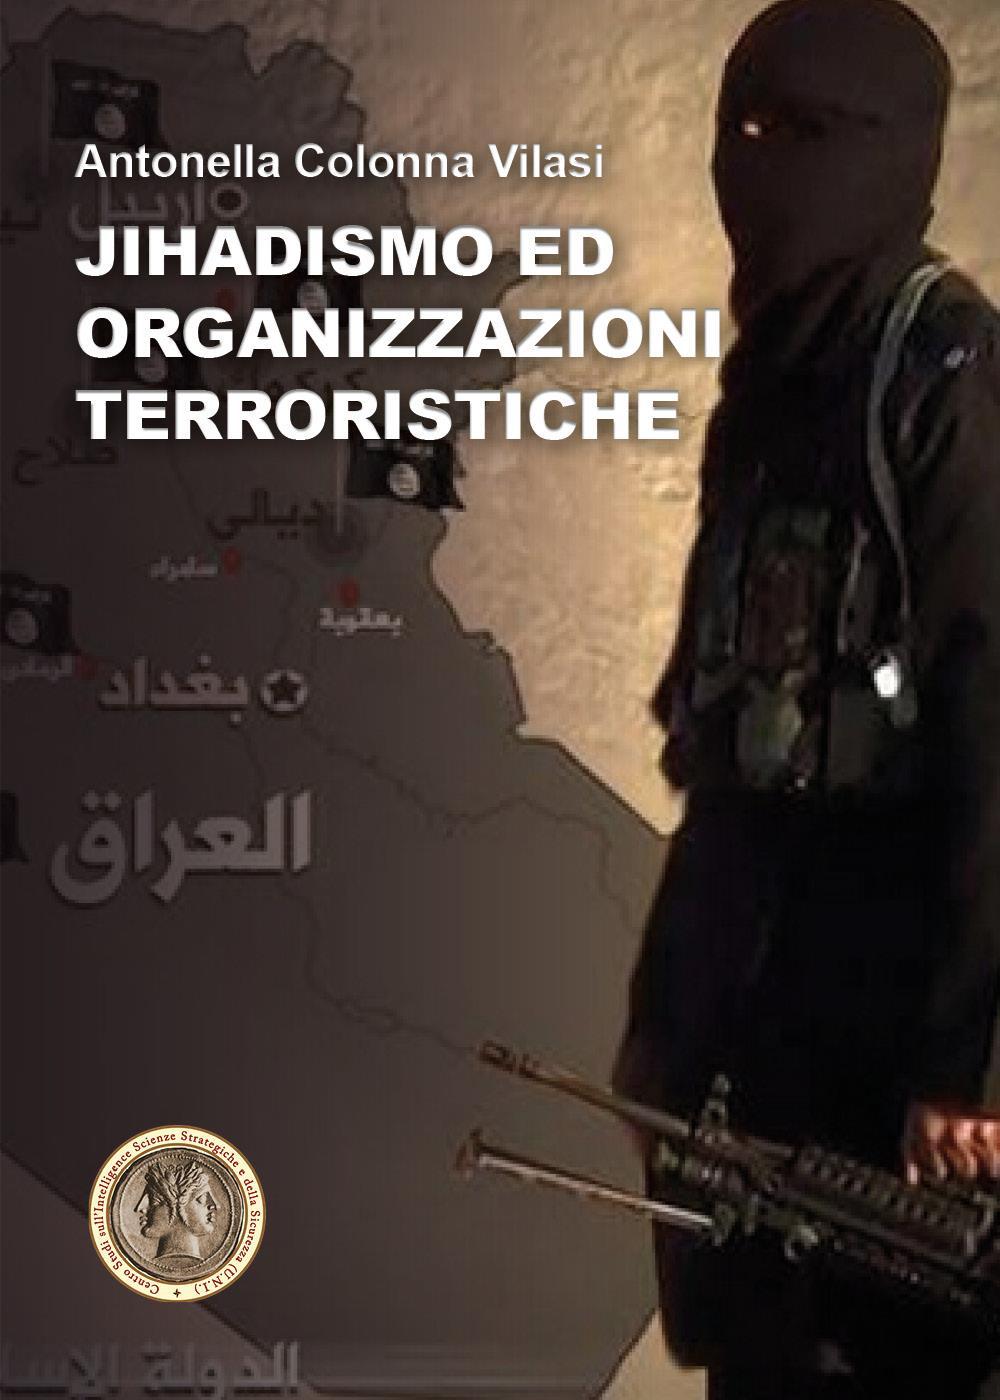 Jihadismo ed Organizzazioni Terroristiche